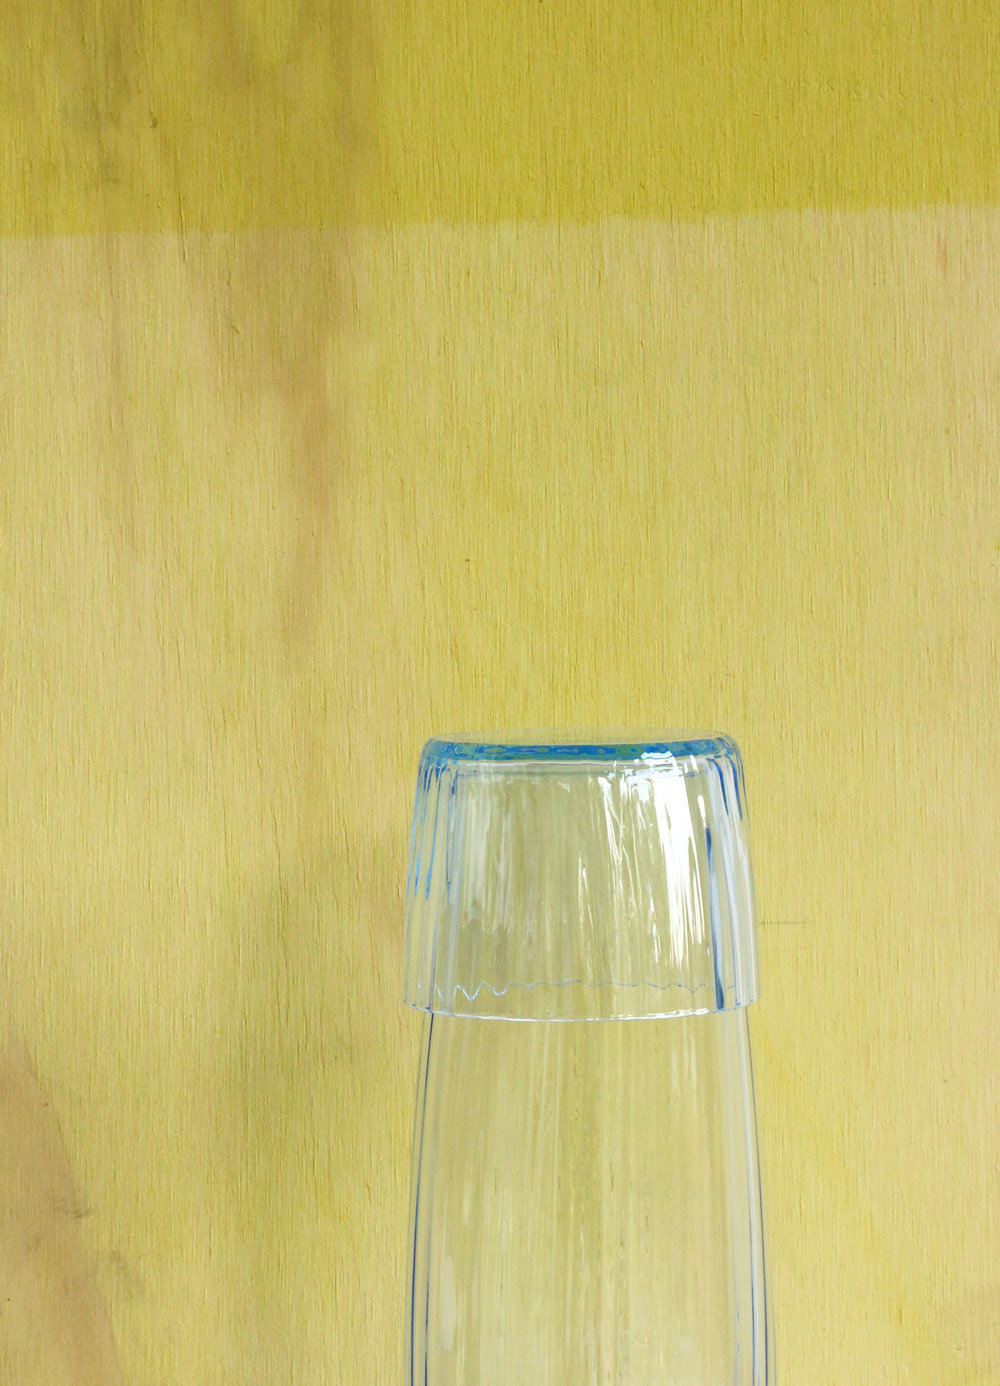 Dit is de Karaf is een nieuwe kleur: Blauw.Zo licht dat het op het dunste punt van het glas nauwelijks zichtbaar is, maar bij sommig licht ineens helder doorkomt.  Afmetingen: ø 6.5 cm H 19.5 cm. Prijs 120 Euro (incl. btw en versturen binnen NL)  Voor vragen of bestellingen: marieke.schoonderbeek@gmail.com of telefoon 0622665385.